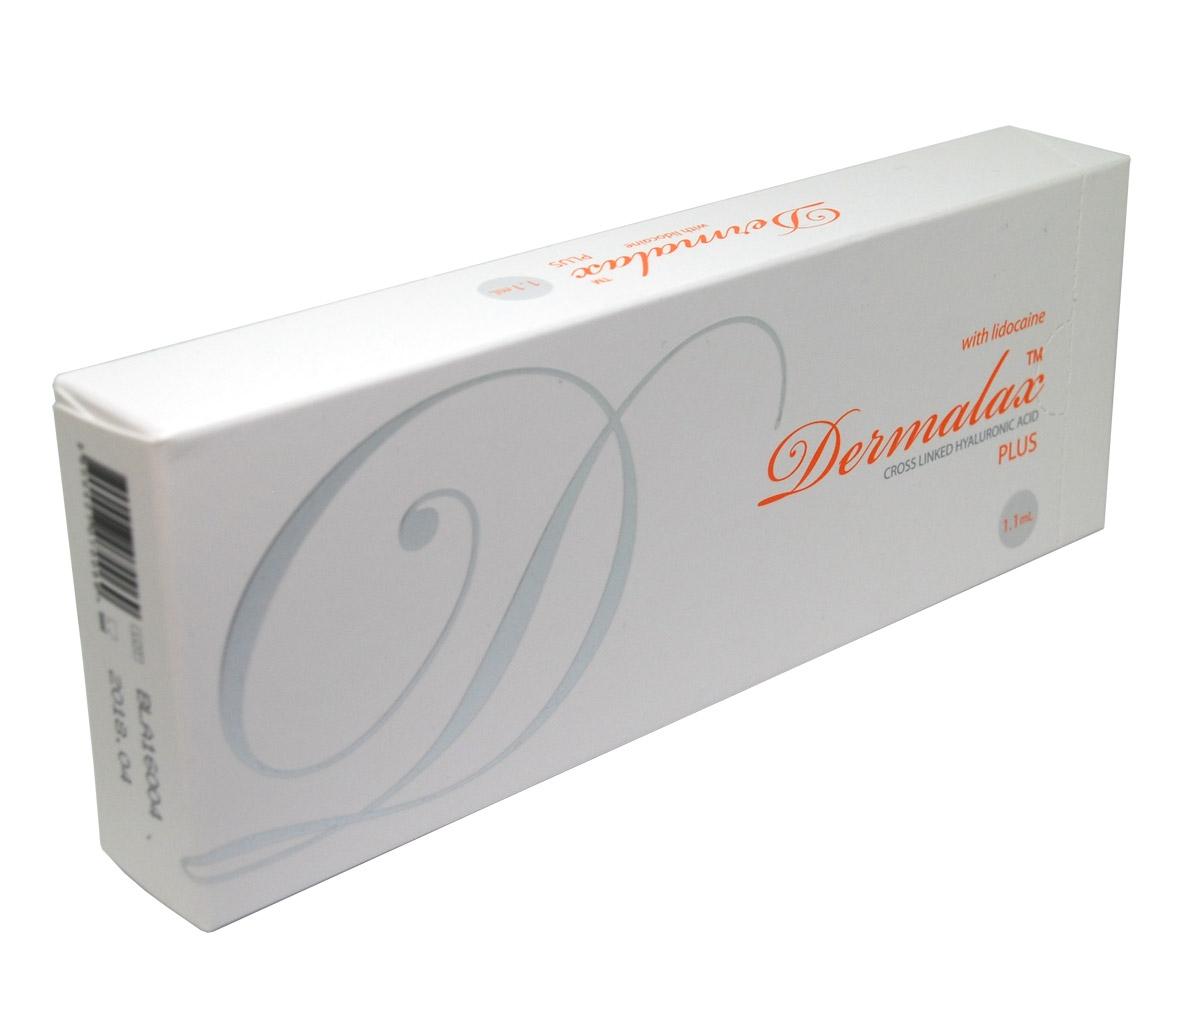 Buy Dermalax PLUS with Lidocaine (1x1 1ml)